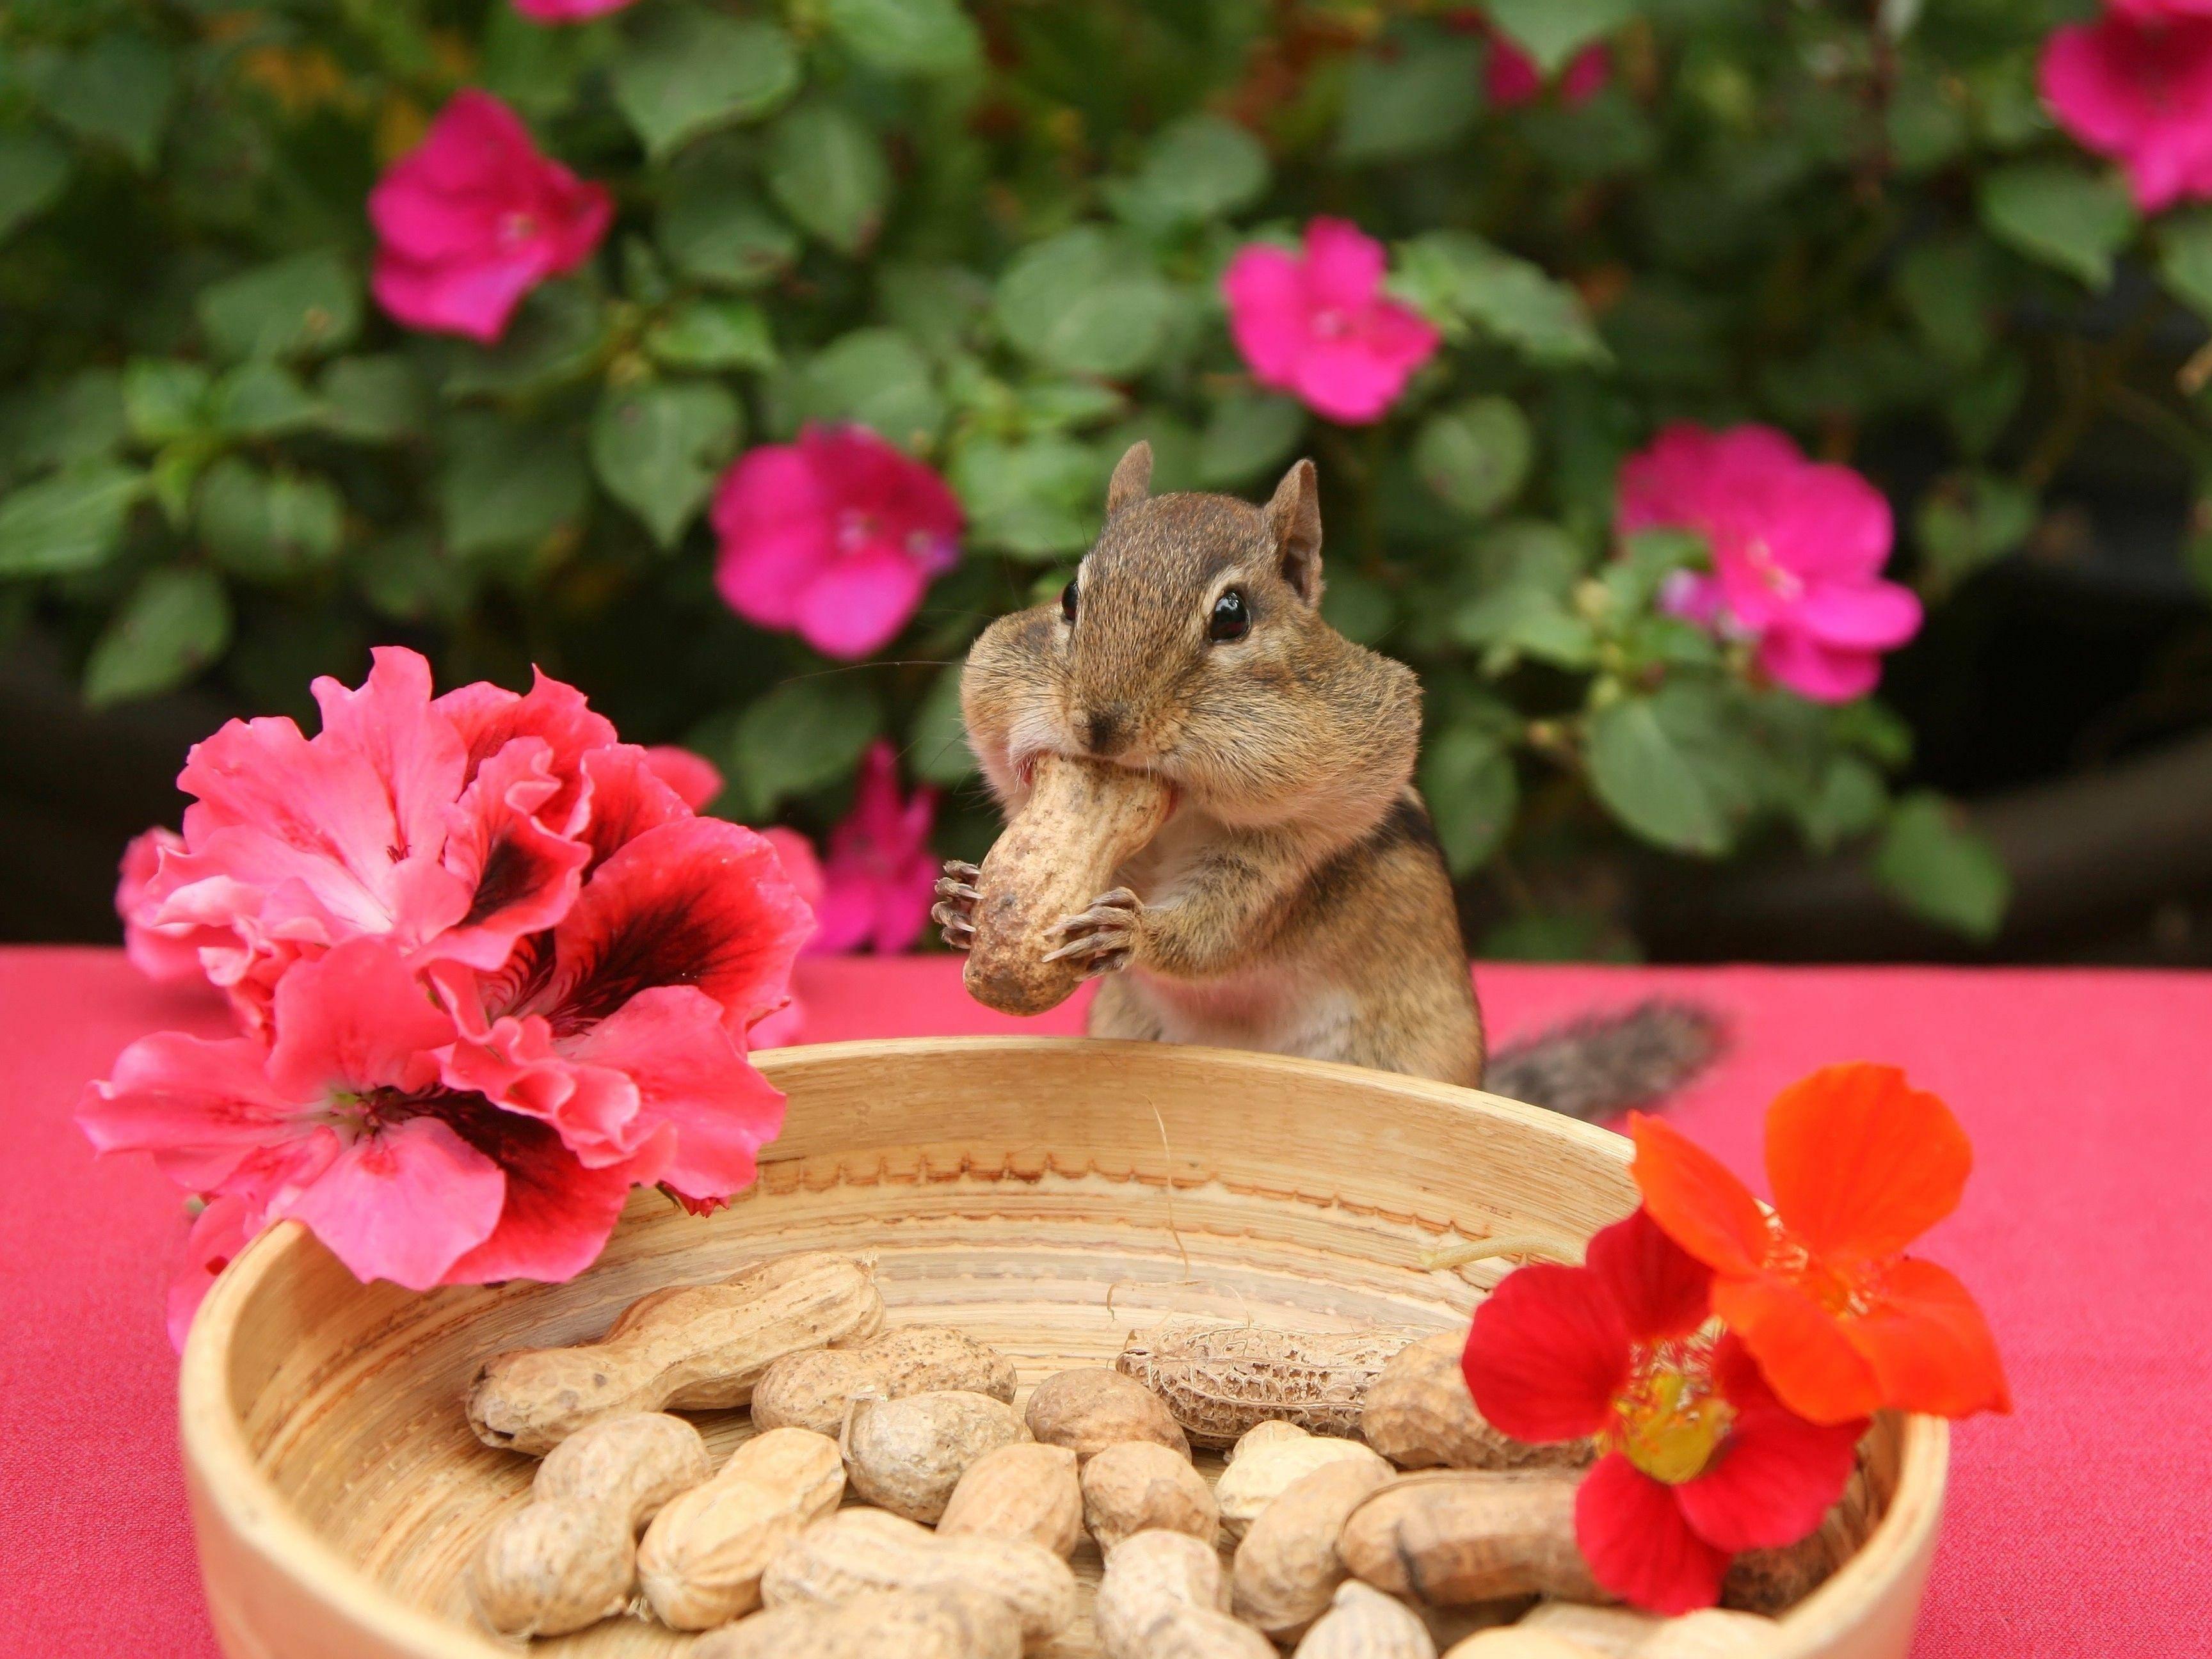 Platz 8: Darauf erstmal eine Erdnuss: Ein Streifenhörnchen feiert seine Top-Platzierung — Bild: Shutterstock / Elaine Davis